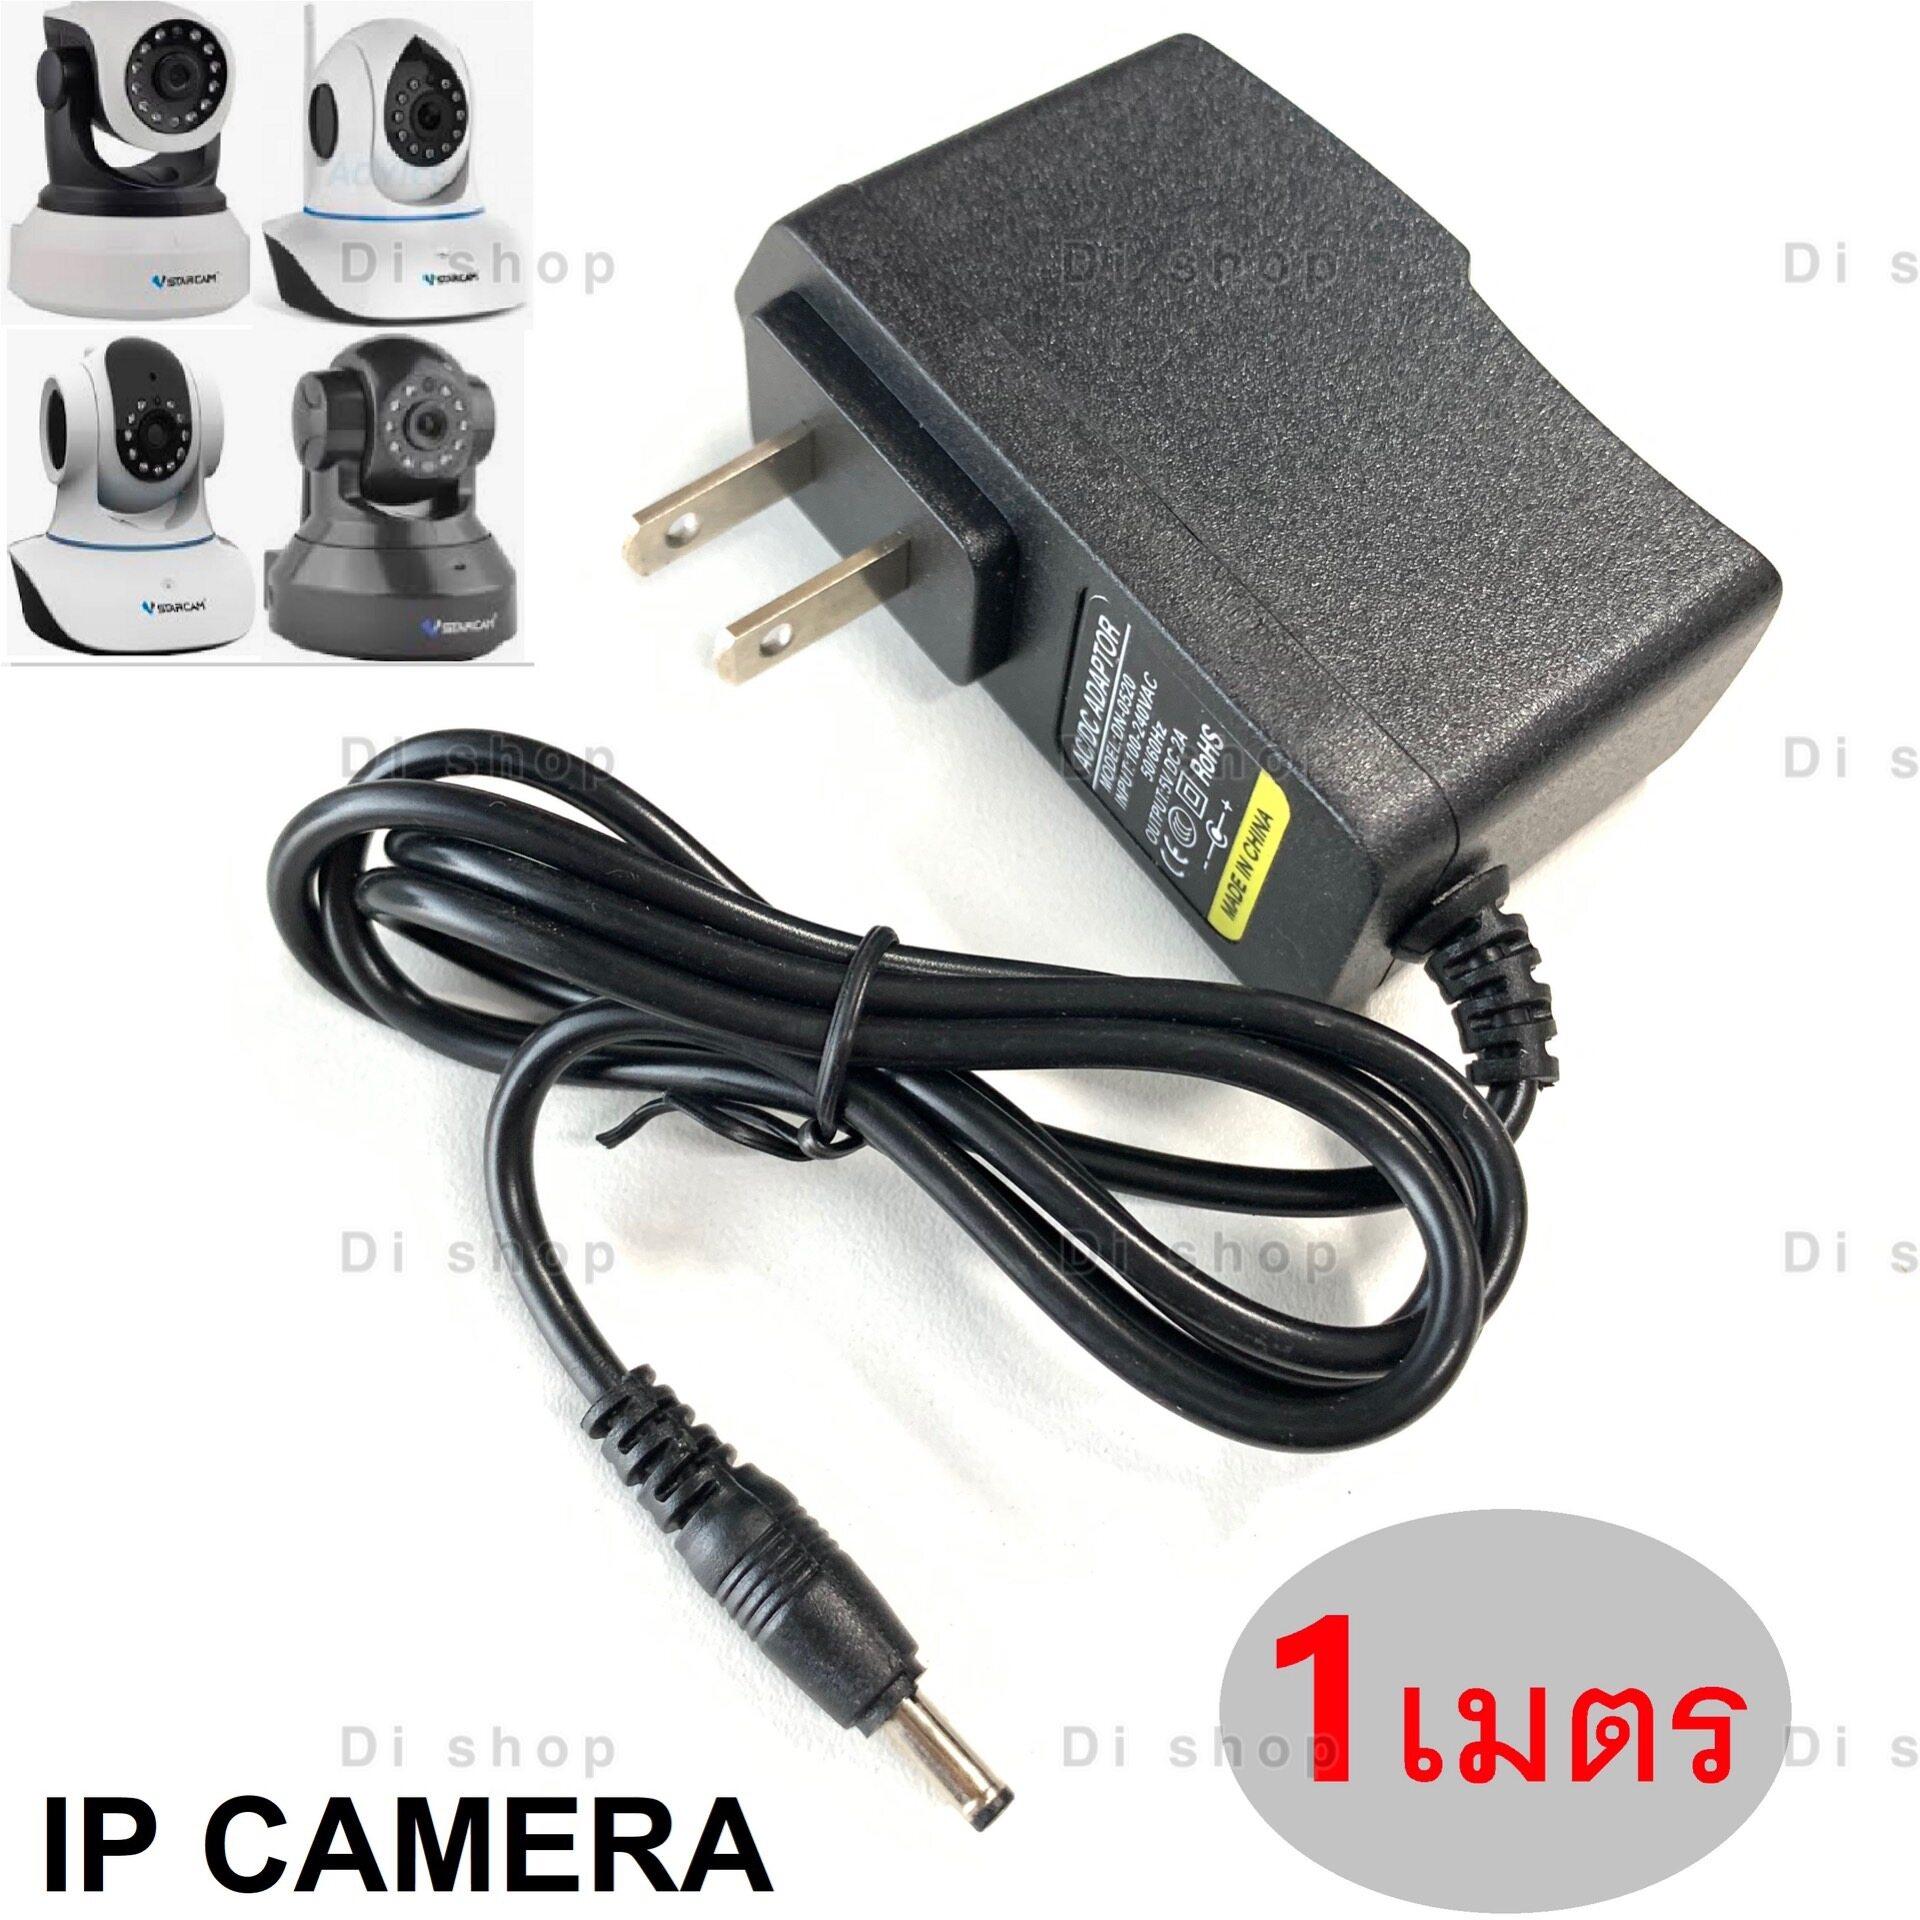 (ความยาว 1-3ม.)dc อะแดปเตอร์ Adapter 5v 2a 2000ma (dc 3.5*1.35mm) สำหรับ Vstarcam และ Ip Camera ทั่วไป.